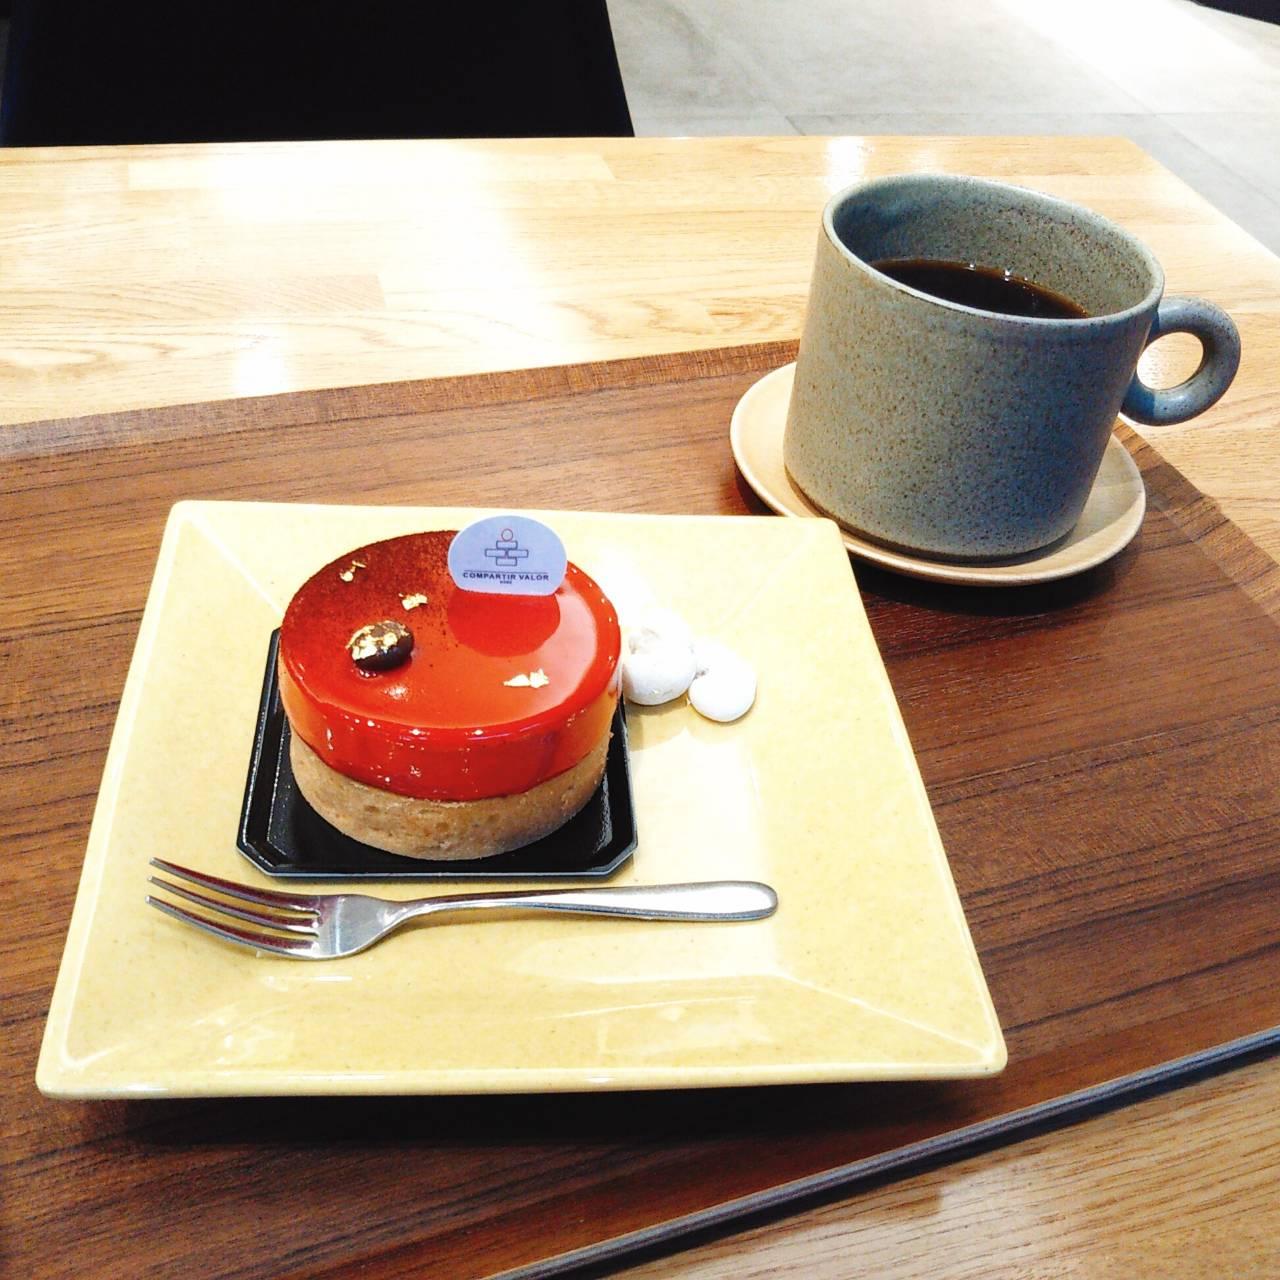 栄町のレトロビルに 老舗 「元町ケーキ」の新ブランド『コンパルティール ヴァロール』